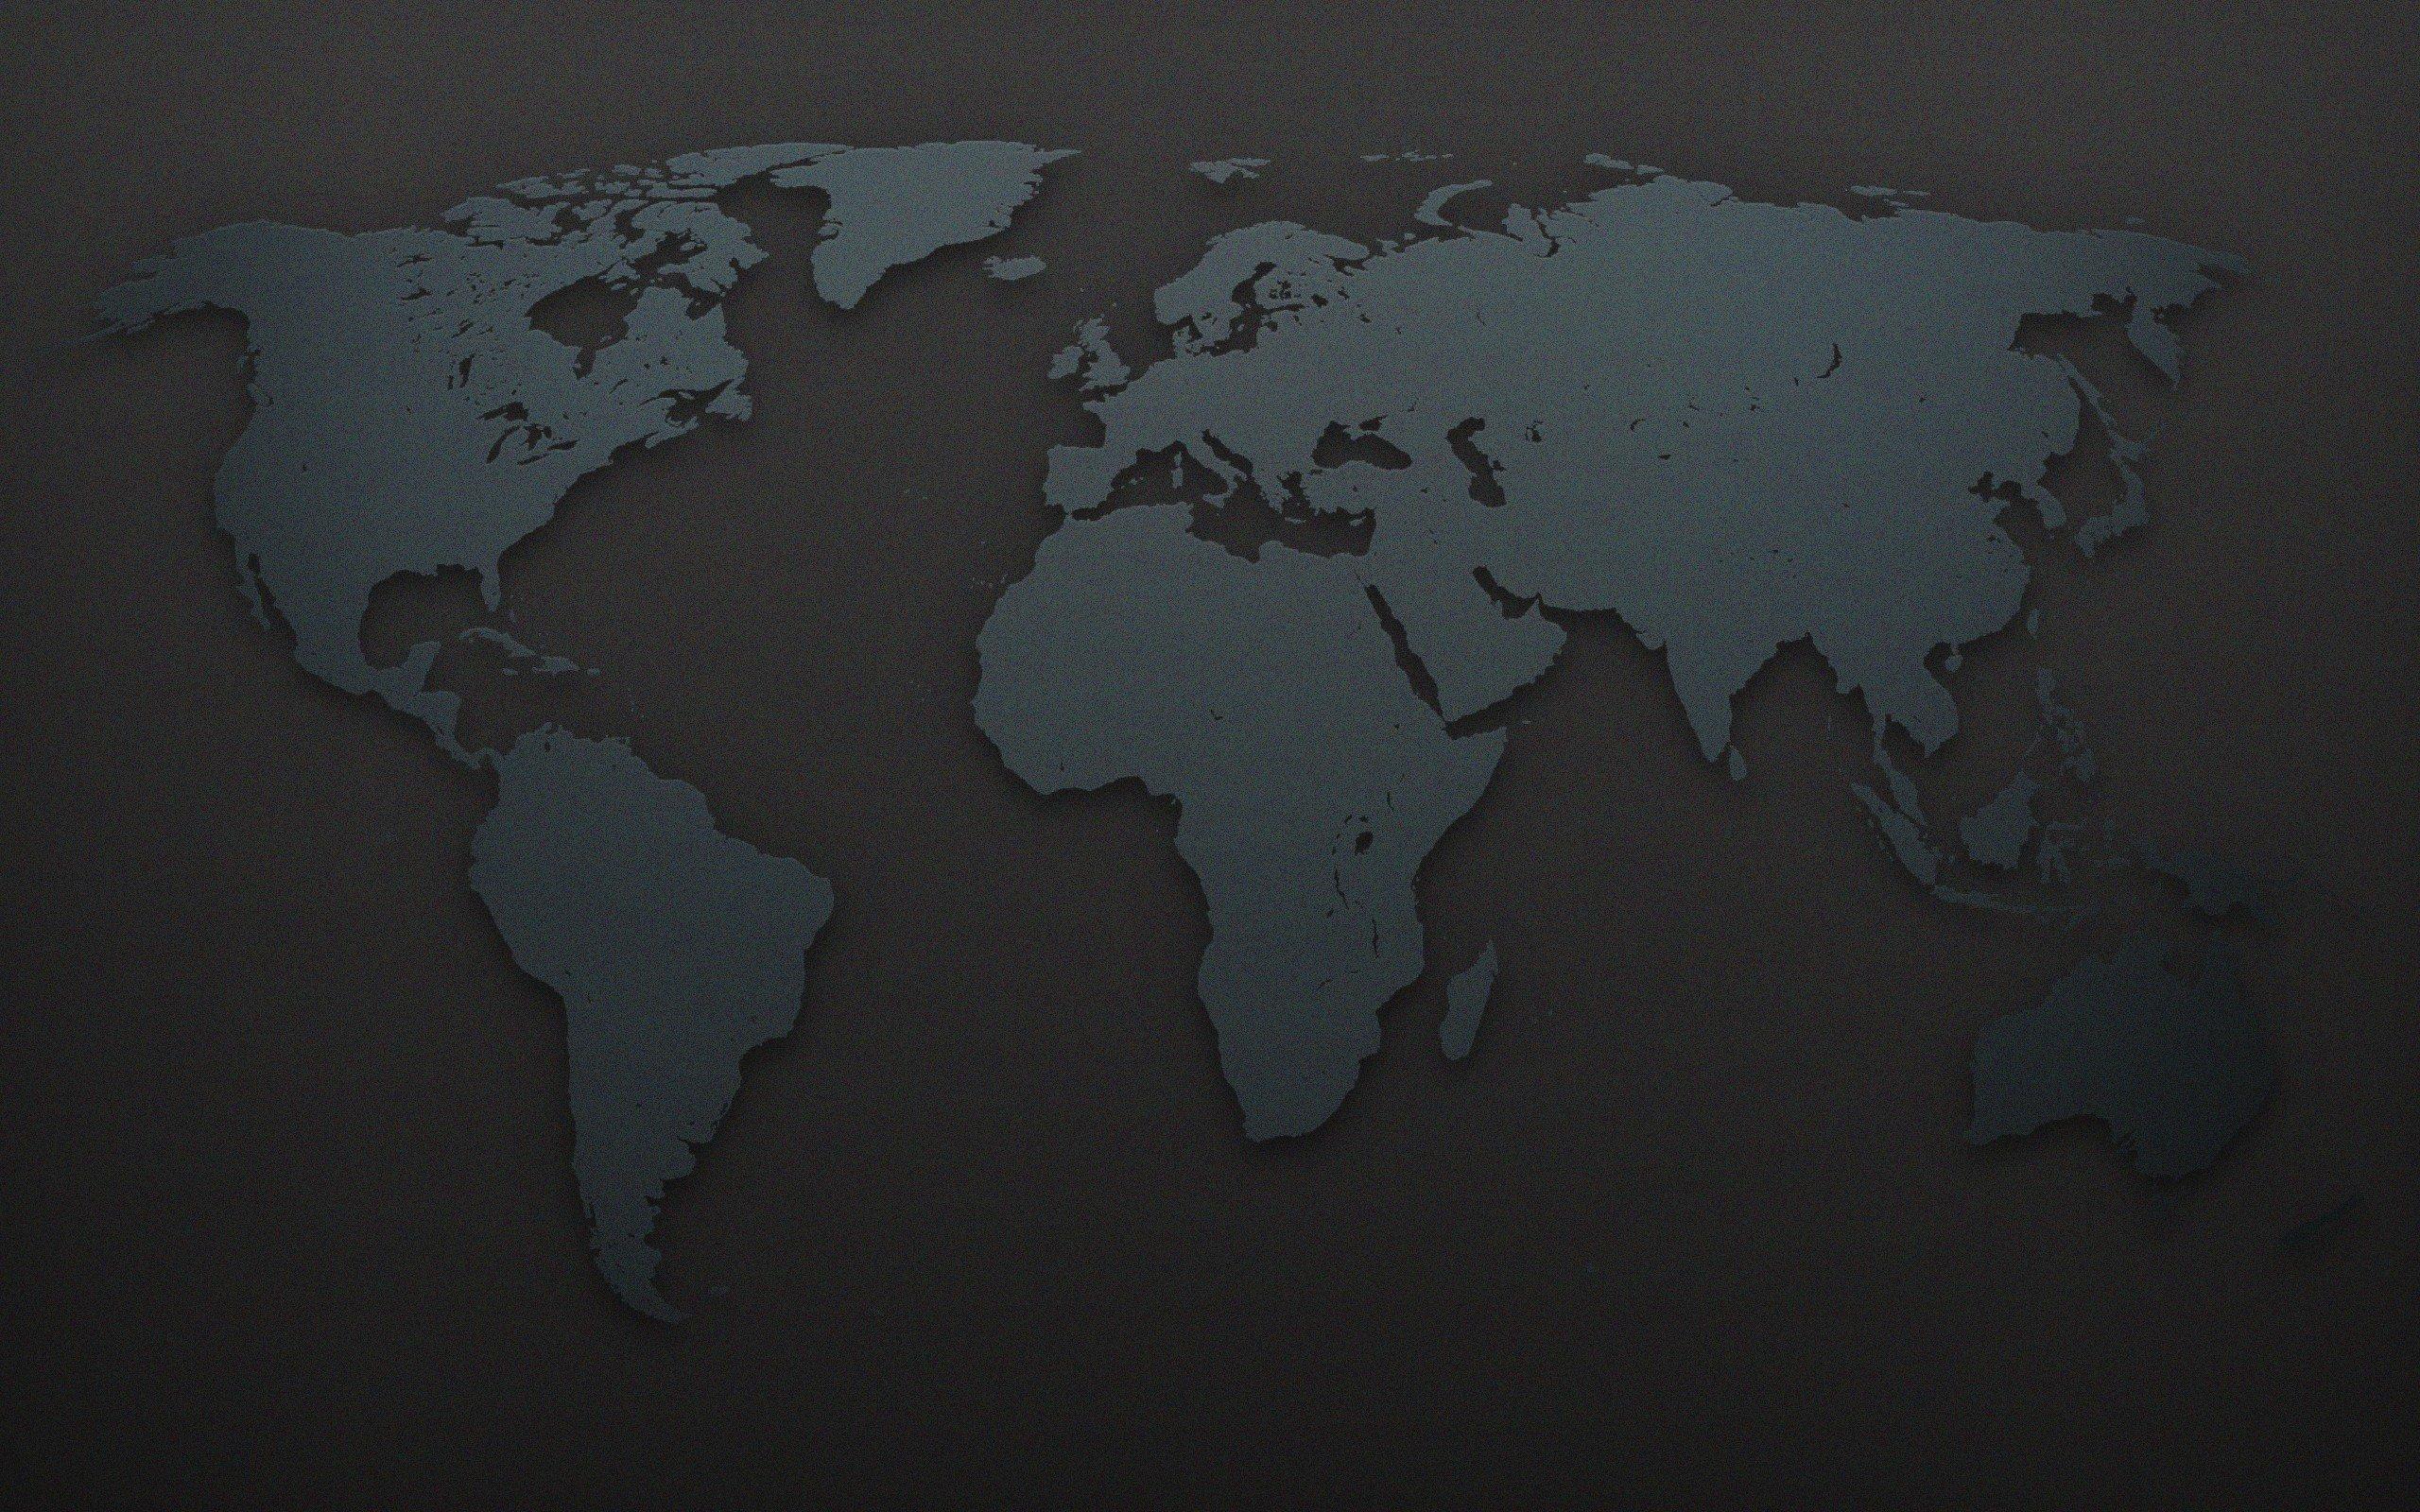 признаками карта мира фото рабочего стола нашей вышивки заслуживает